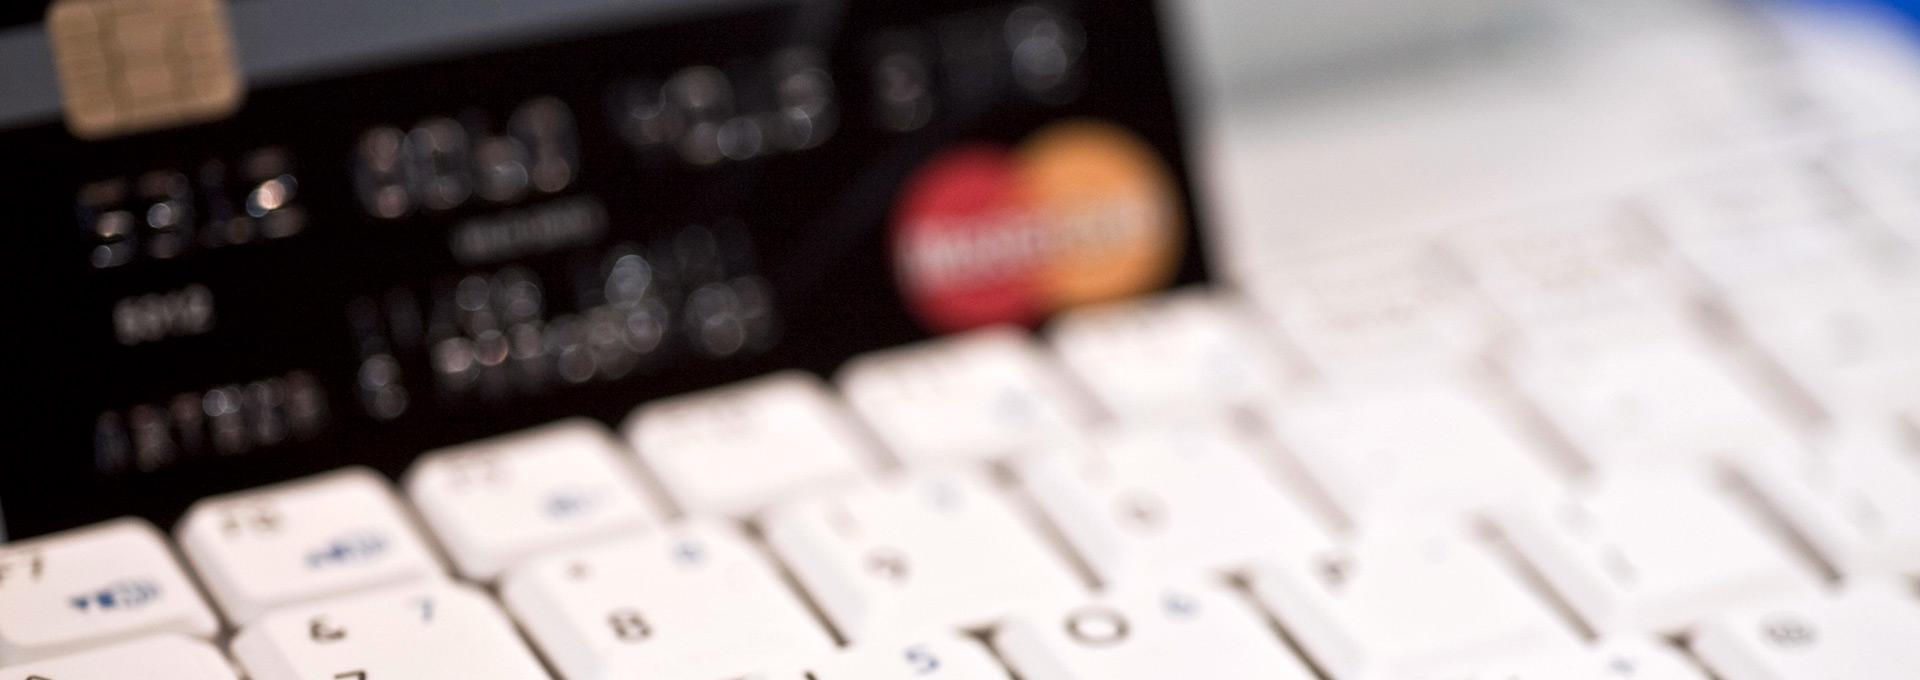 Сопровождение открытия банковских счетов в ОАЭ | UCCI Group